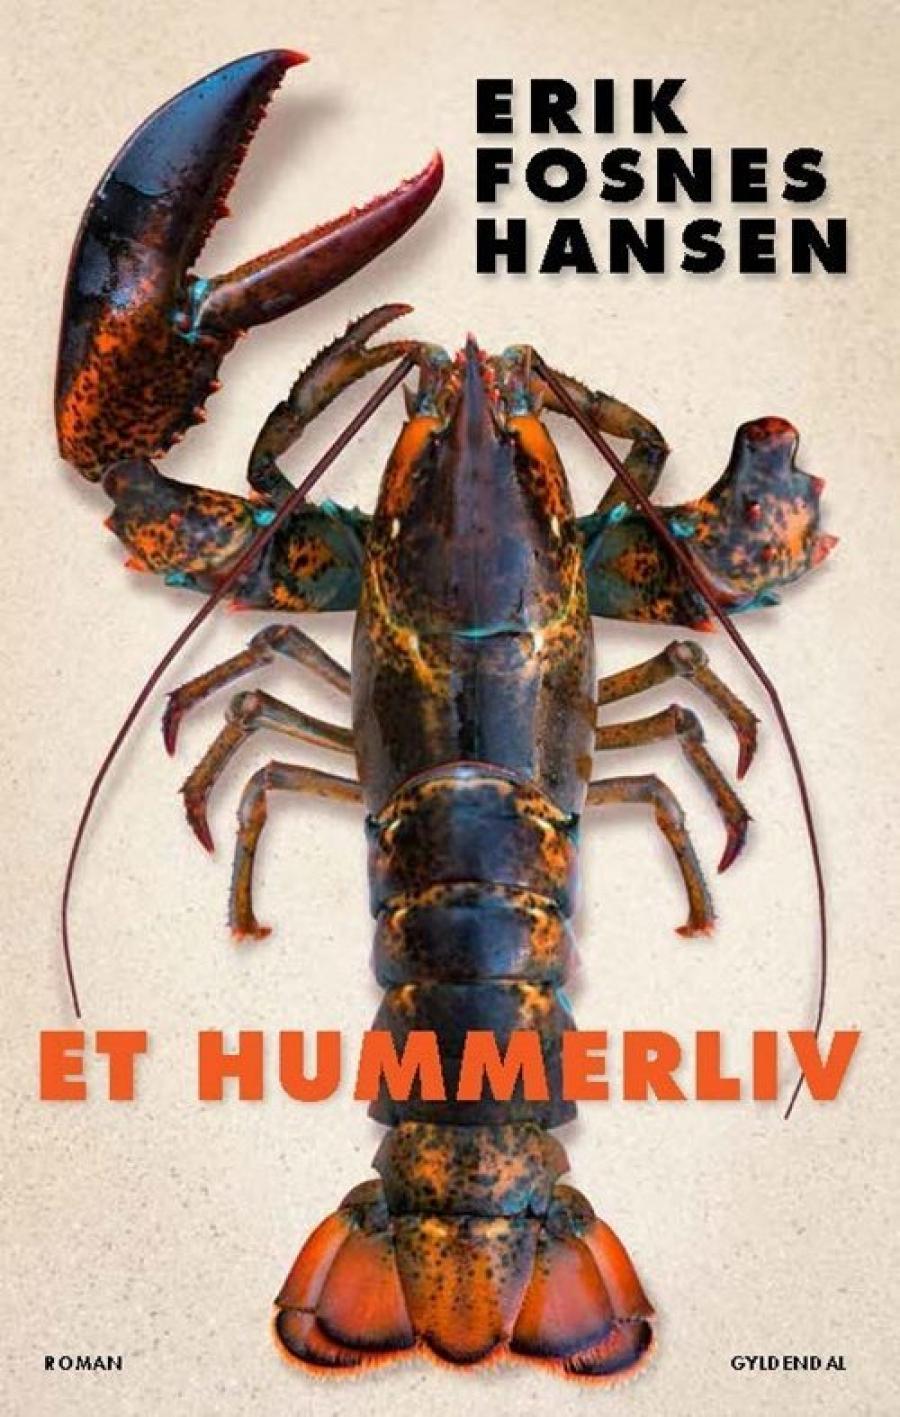 Billede af bogen Et hummerliv af Erik Fosnes Hansen